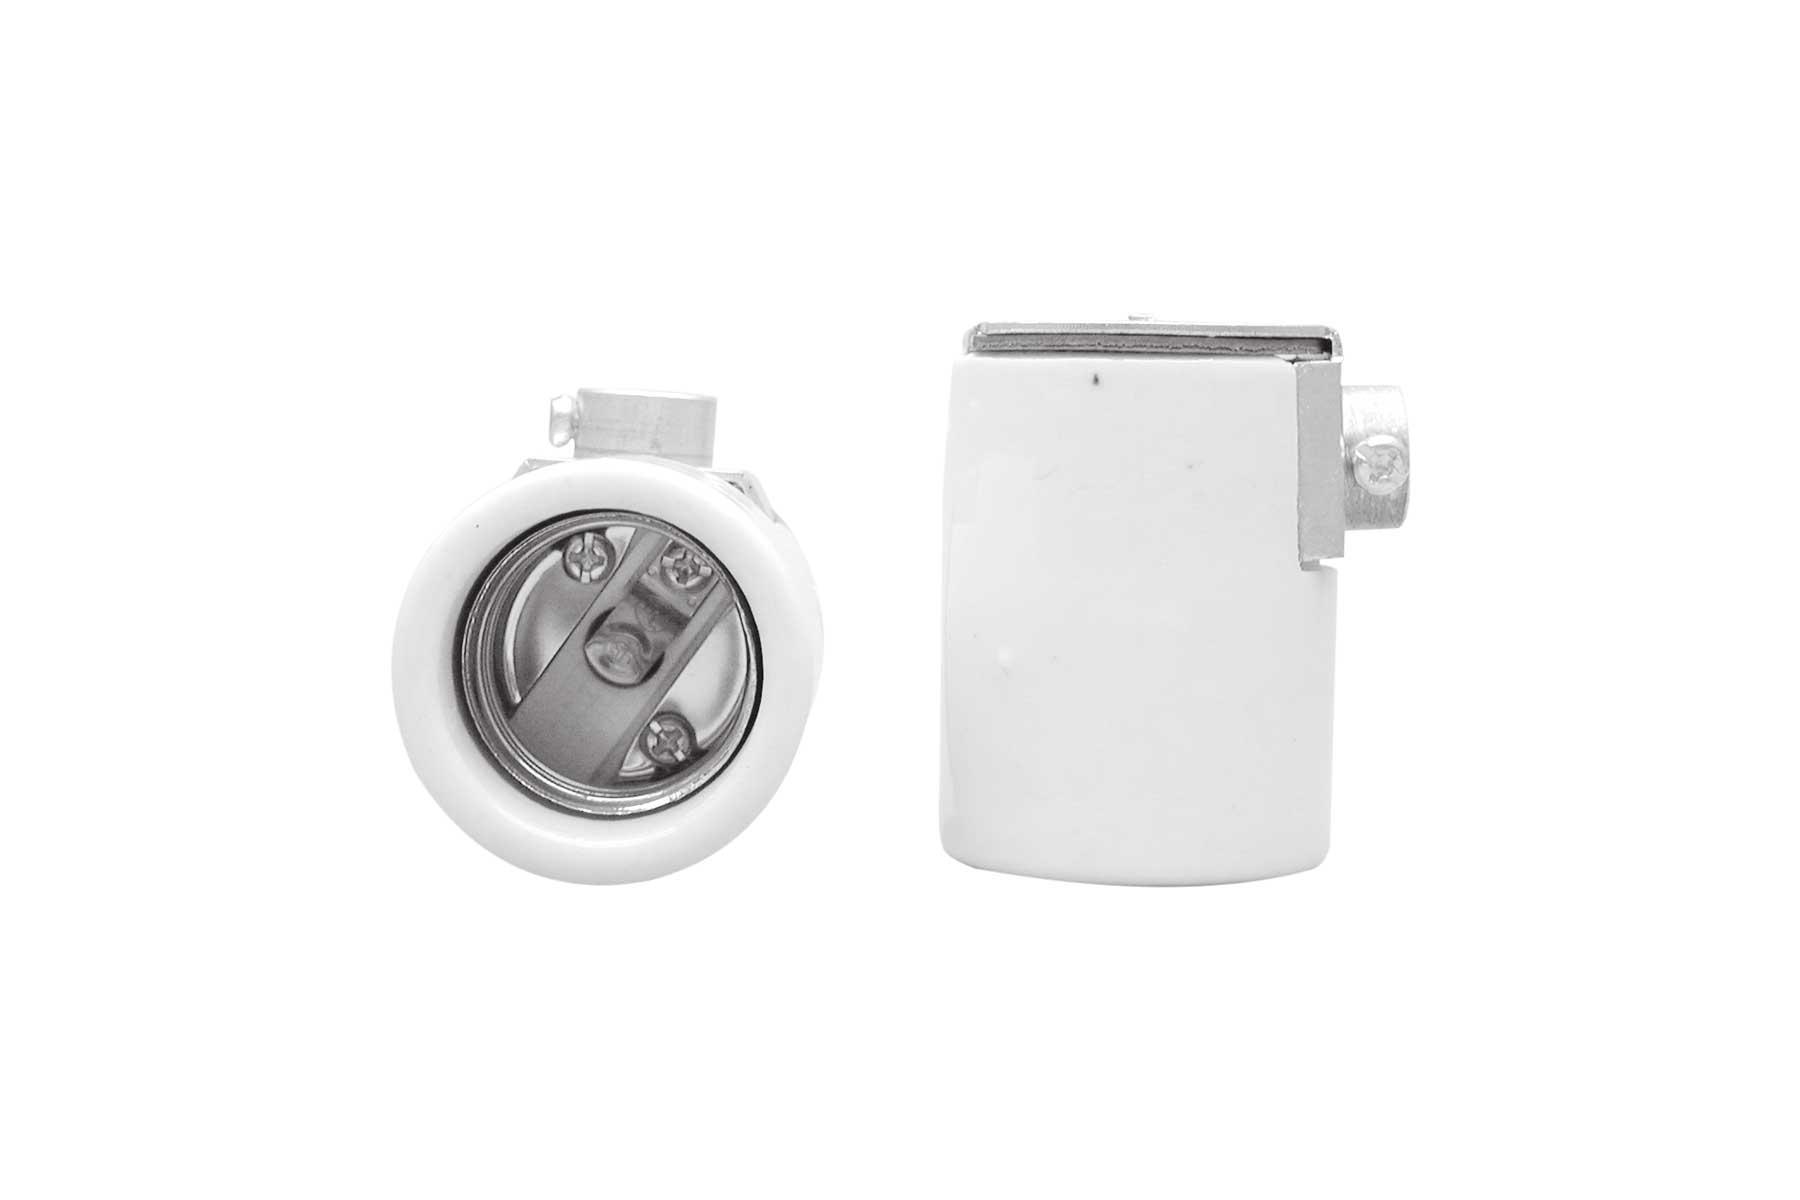 Medium Base Side Outlet Porcelain Keyless Incandescent Light Socket